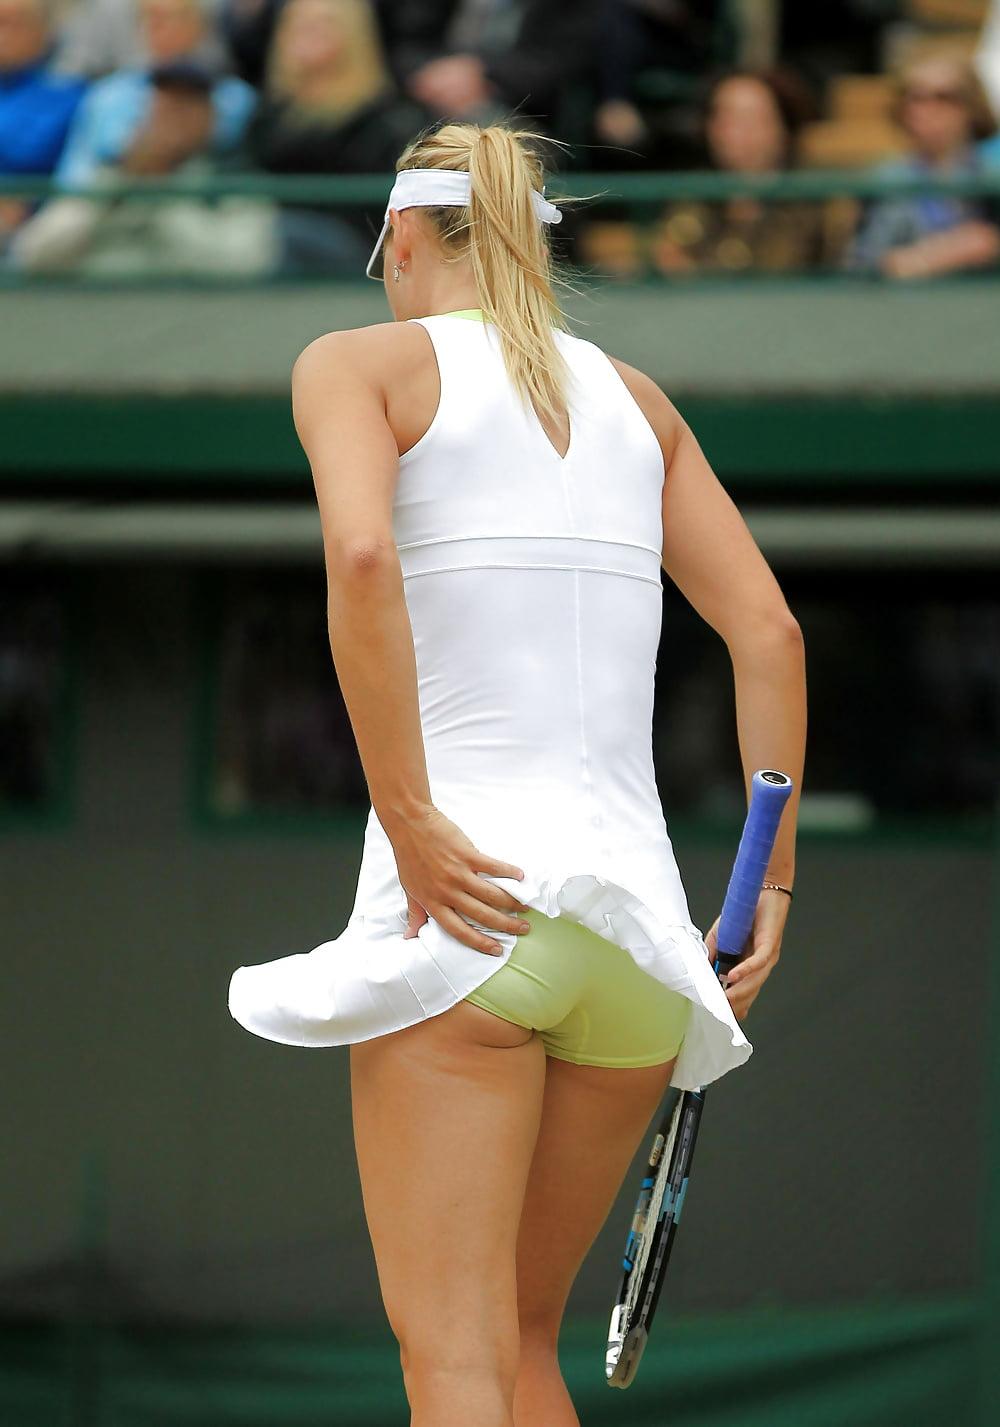 Теннисистки светят трусиками фото — photo 6